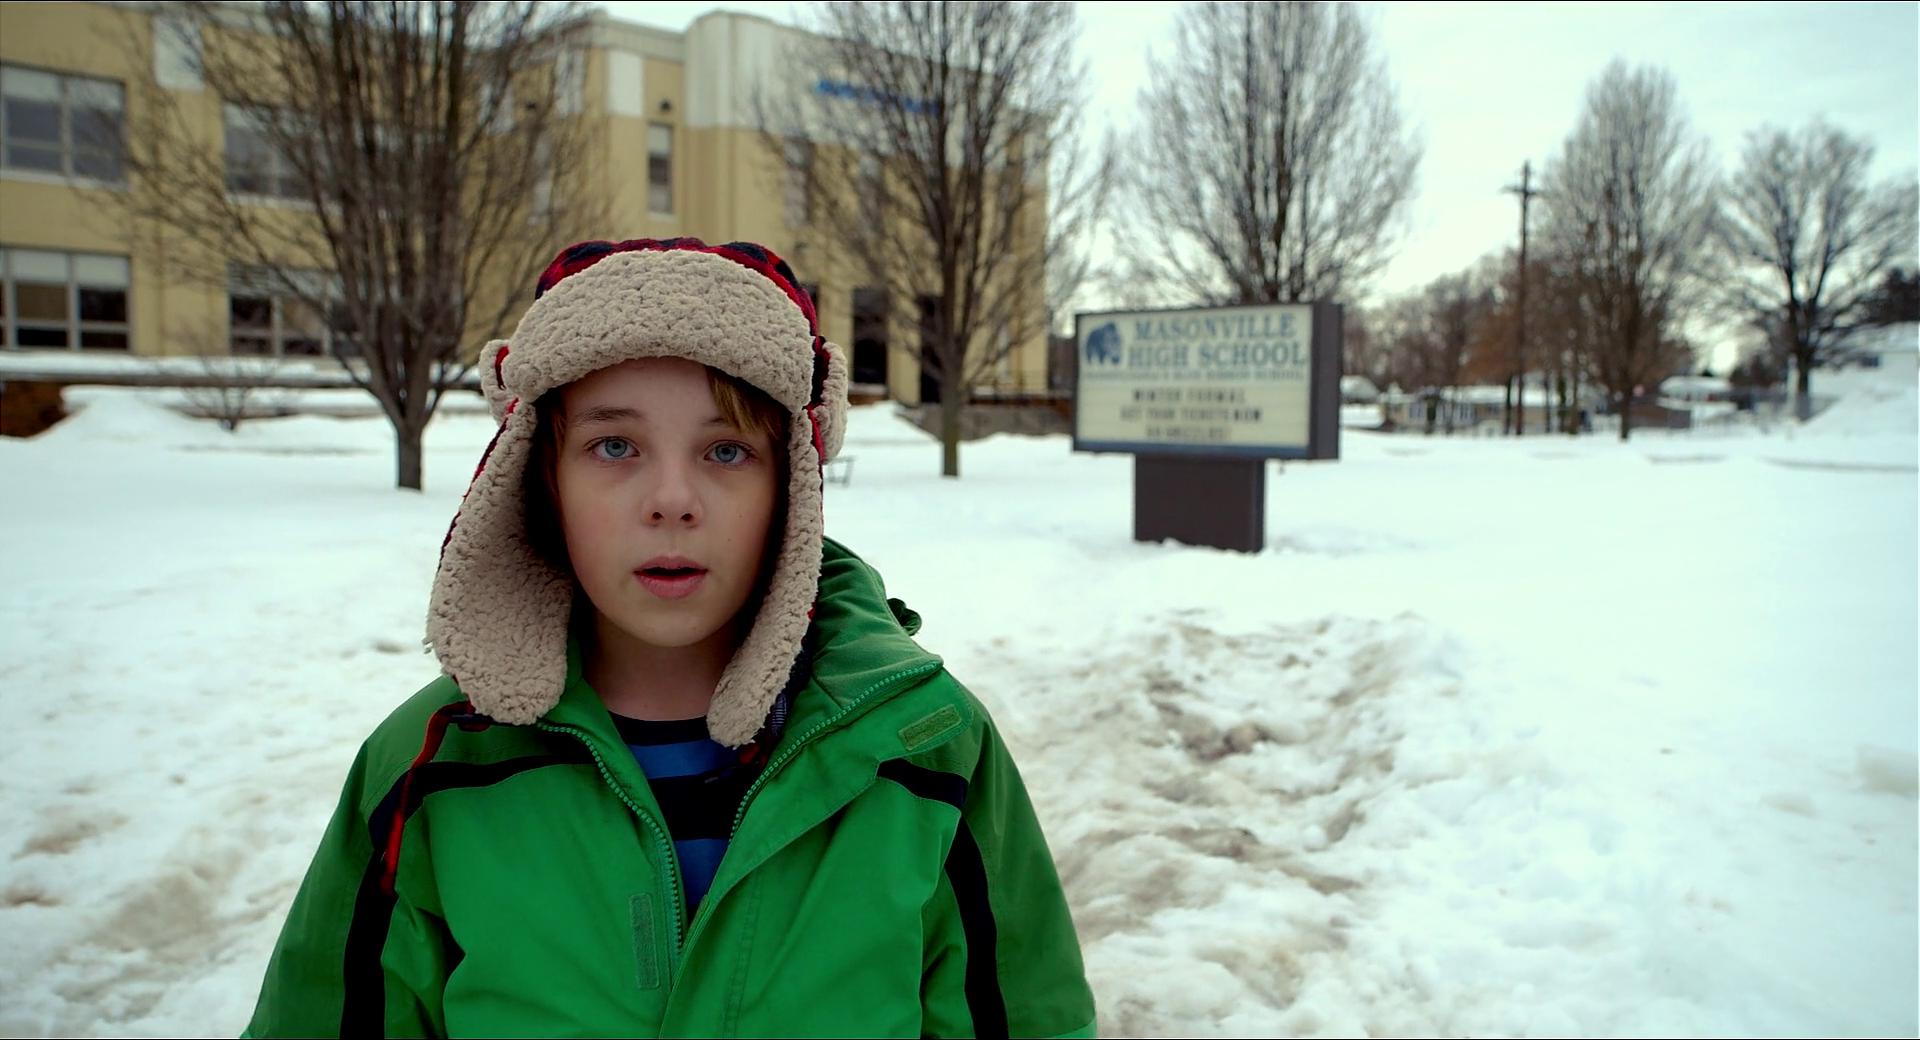 Ziyaret 2015 filmini türkçe indir